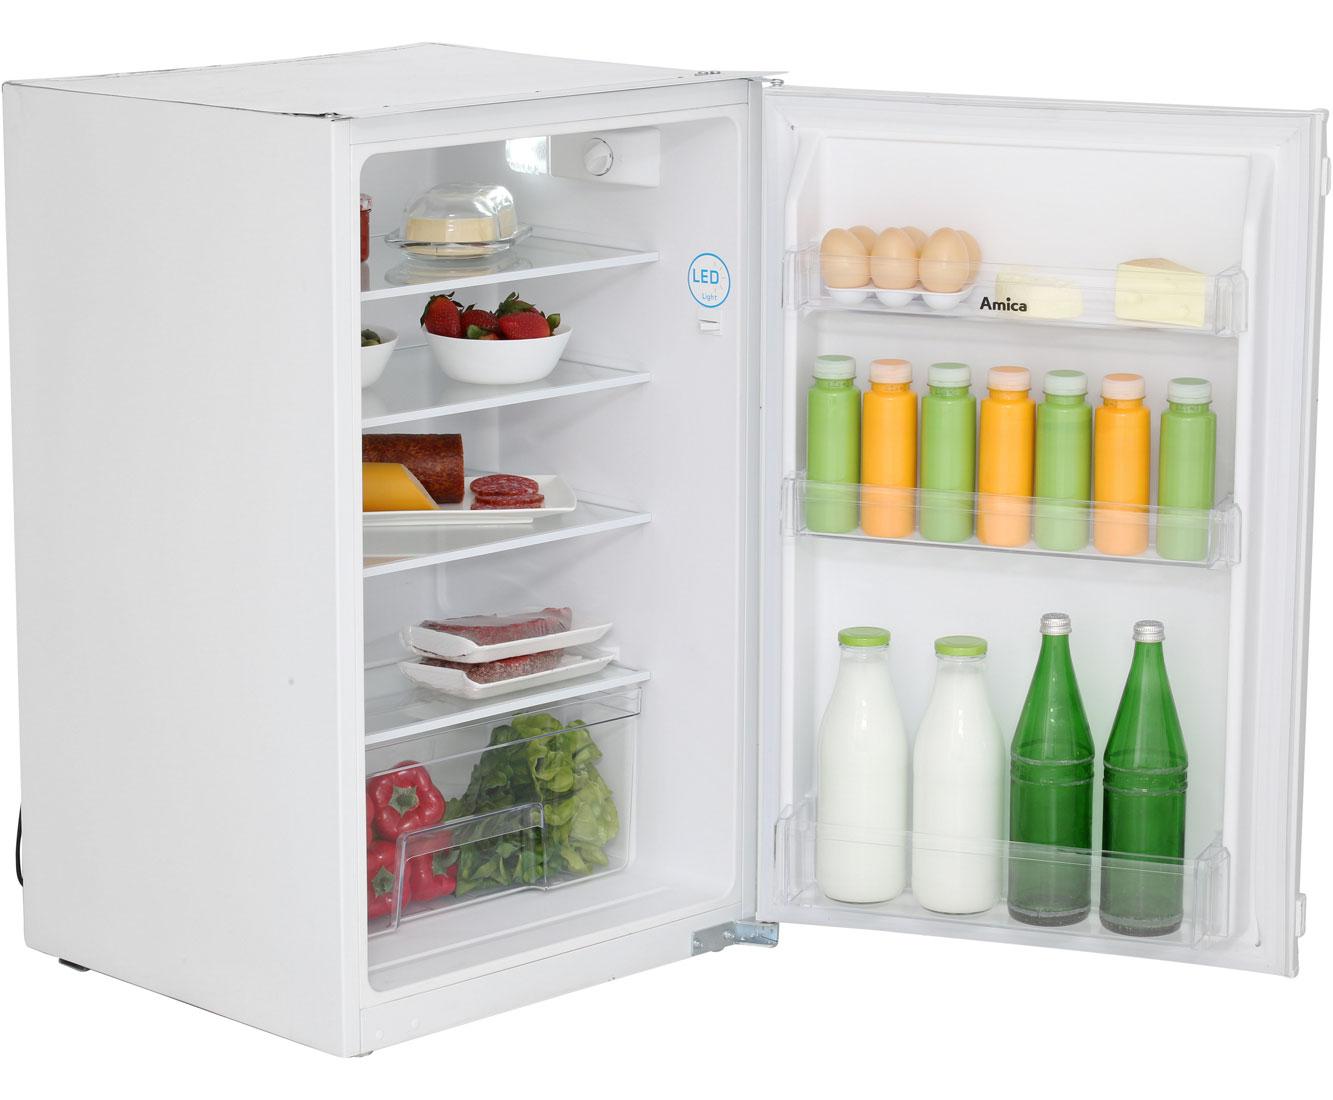 Amica Kühlschrank Firma : Amica evks kühlschrank eingebaut cm weiss neu ebay